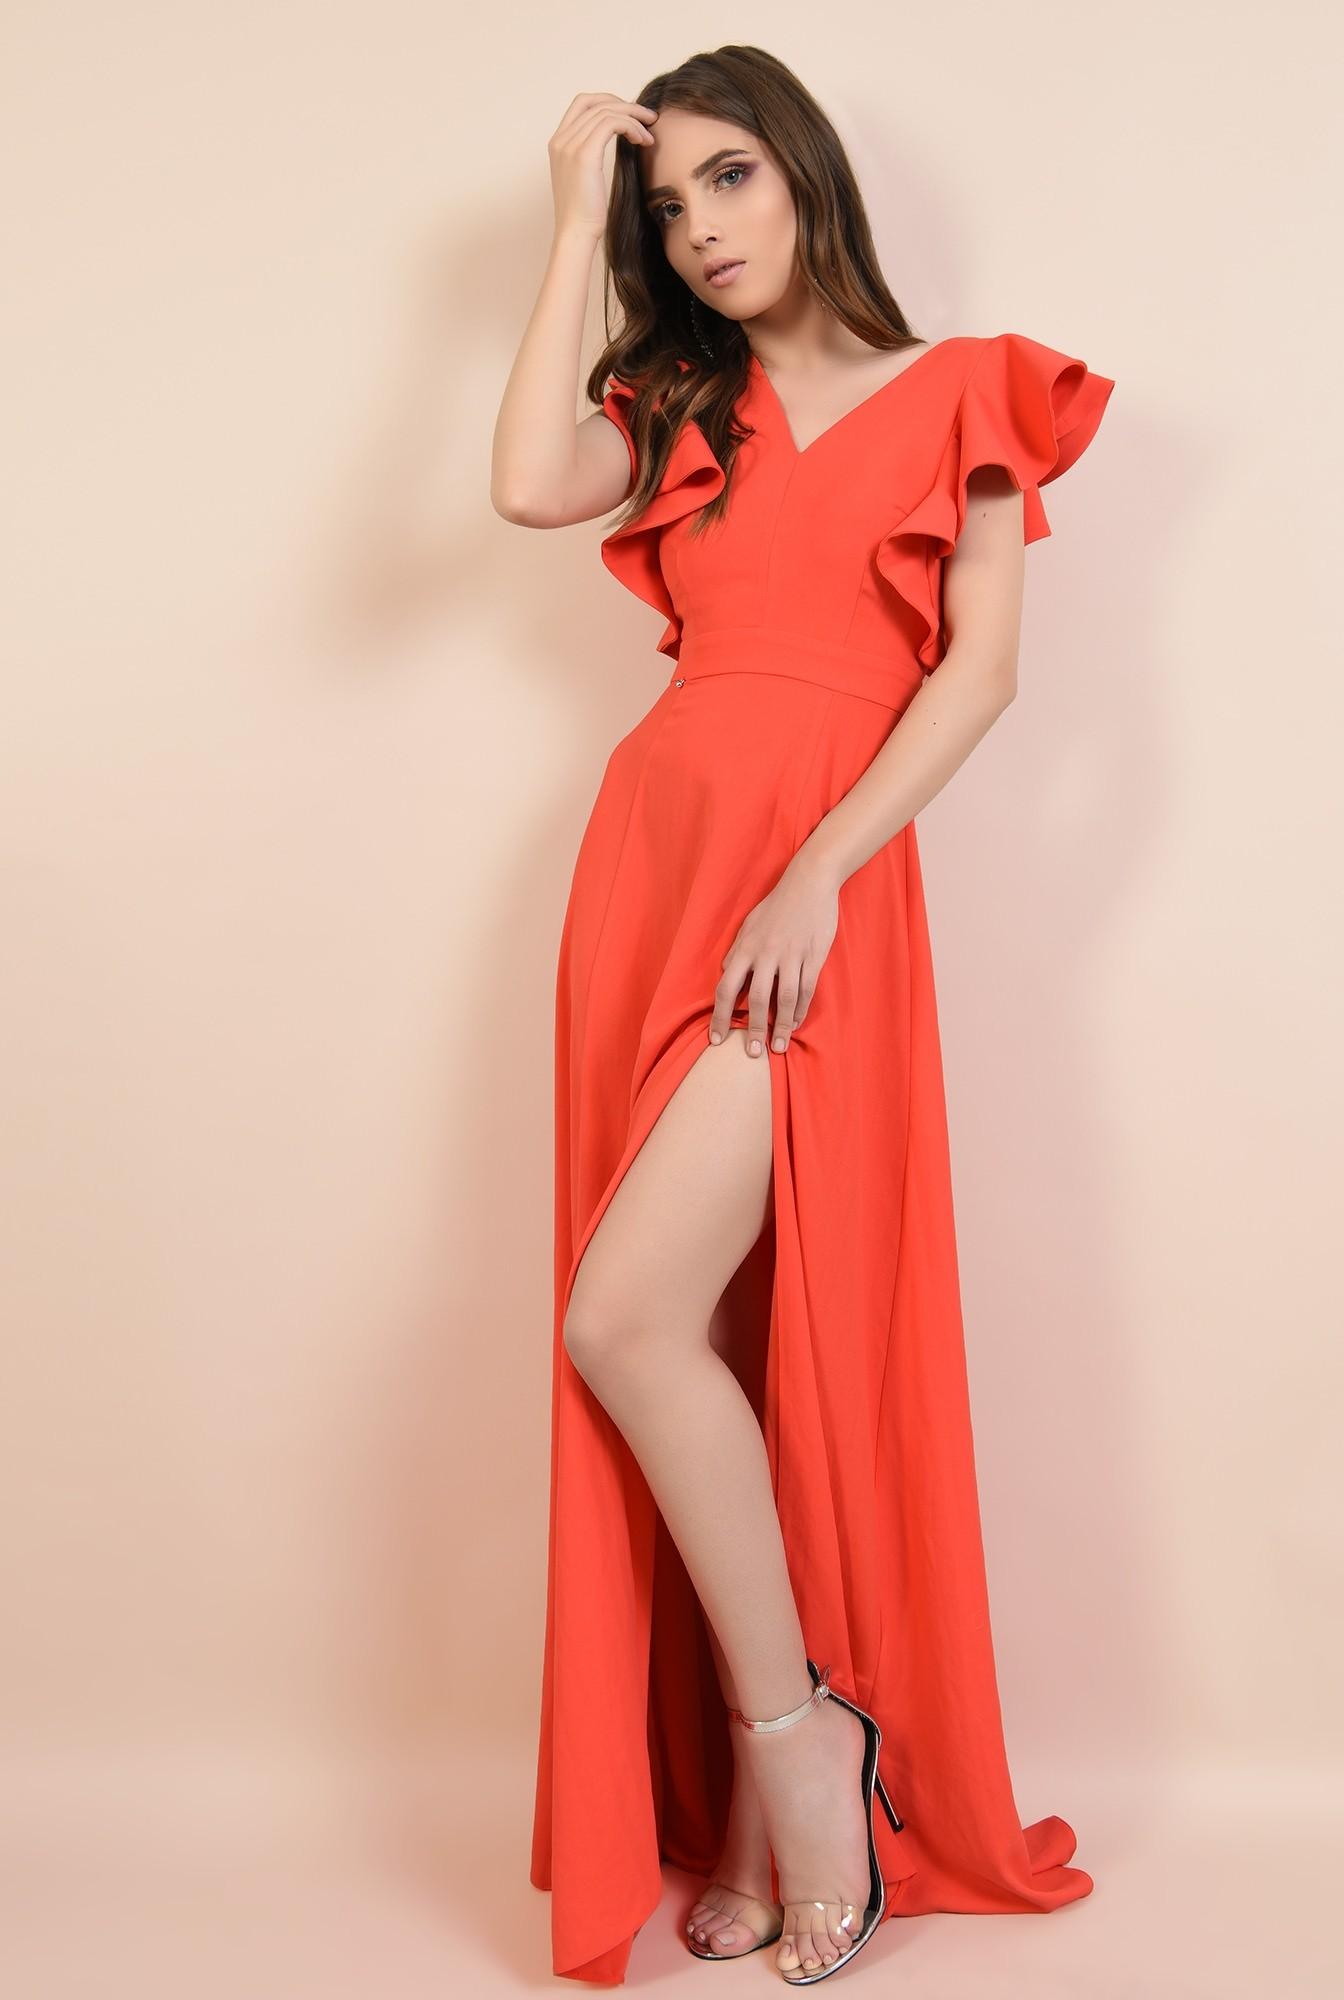 0 - rochie lunga, rosie, cu crapeu, cu volane la maneci, Poema